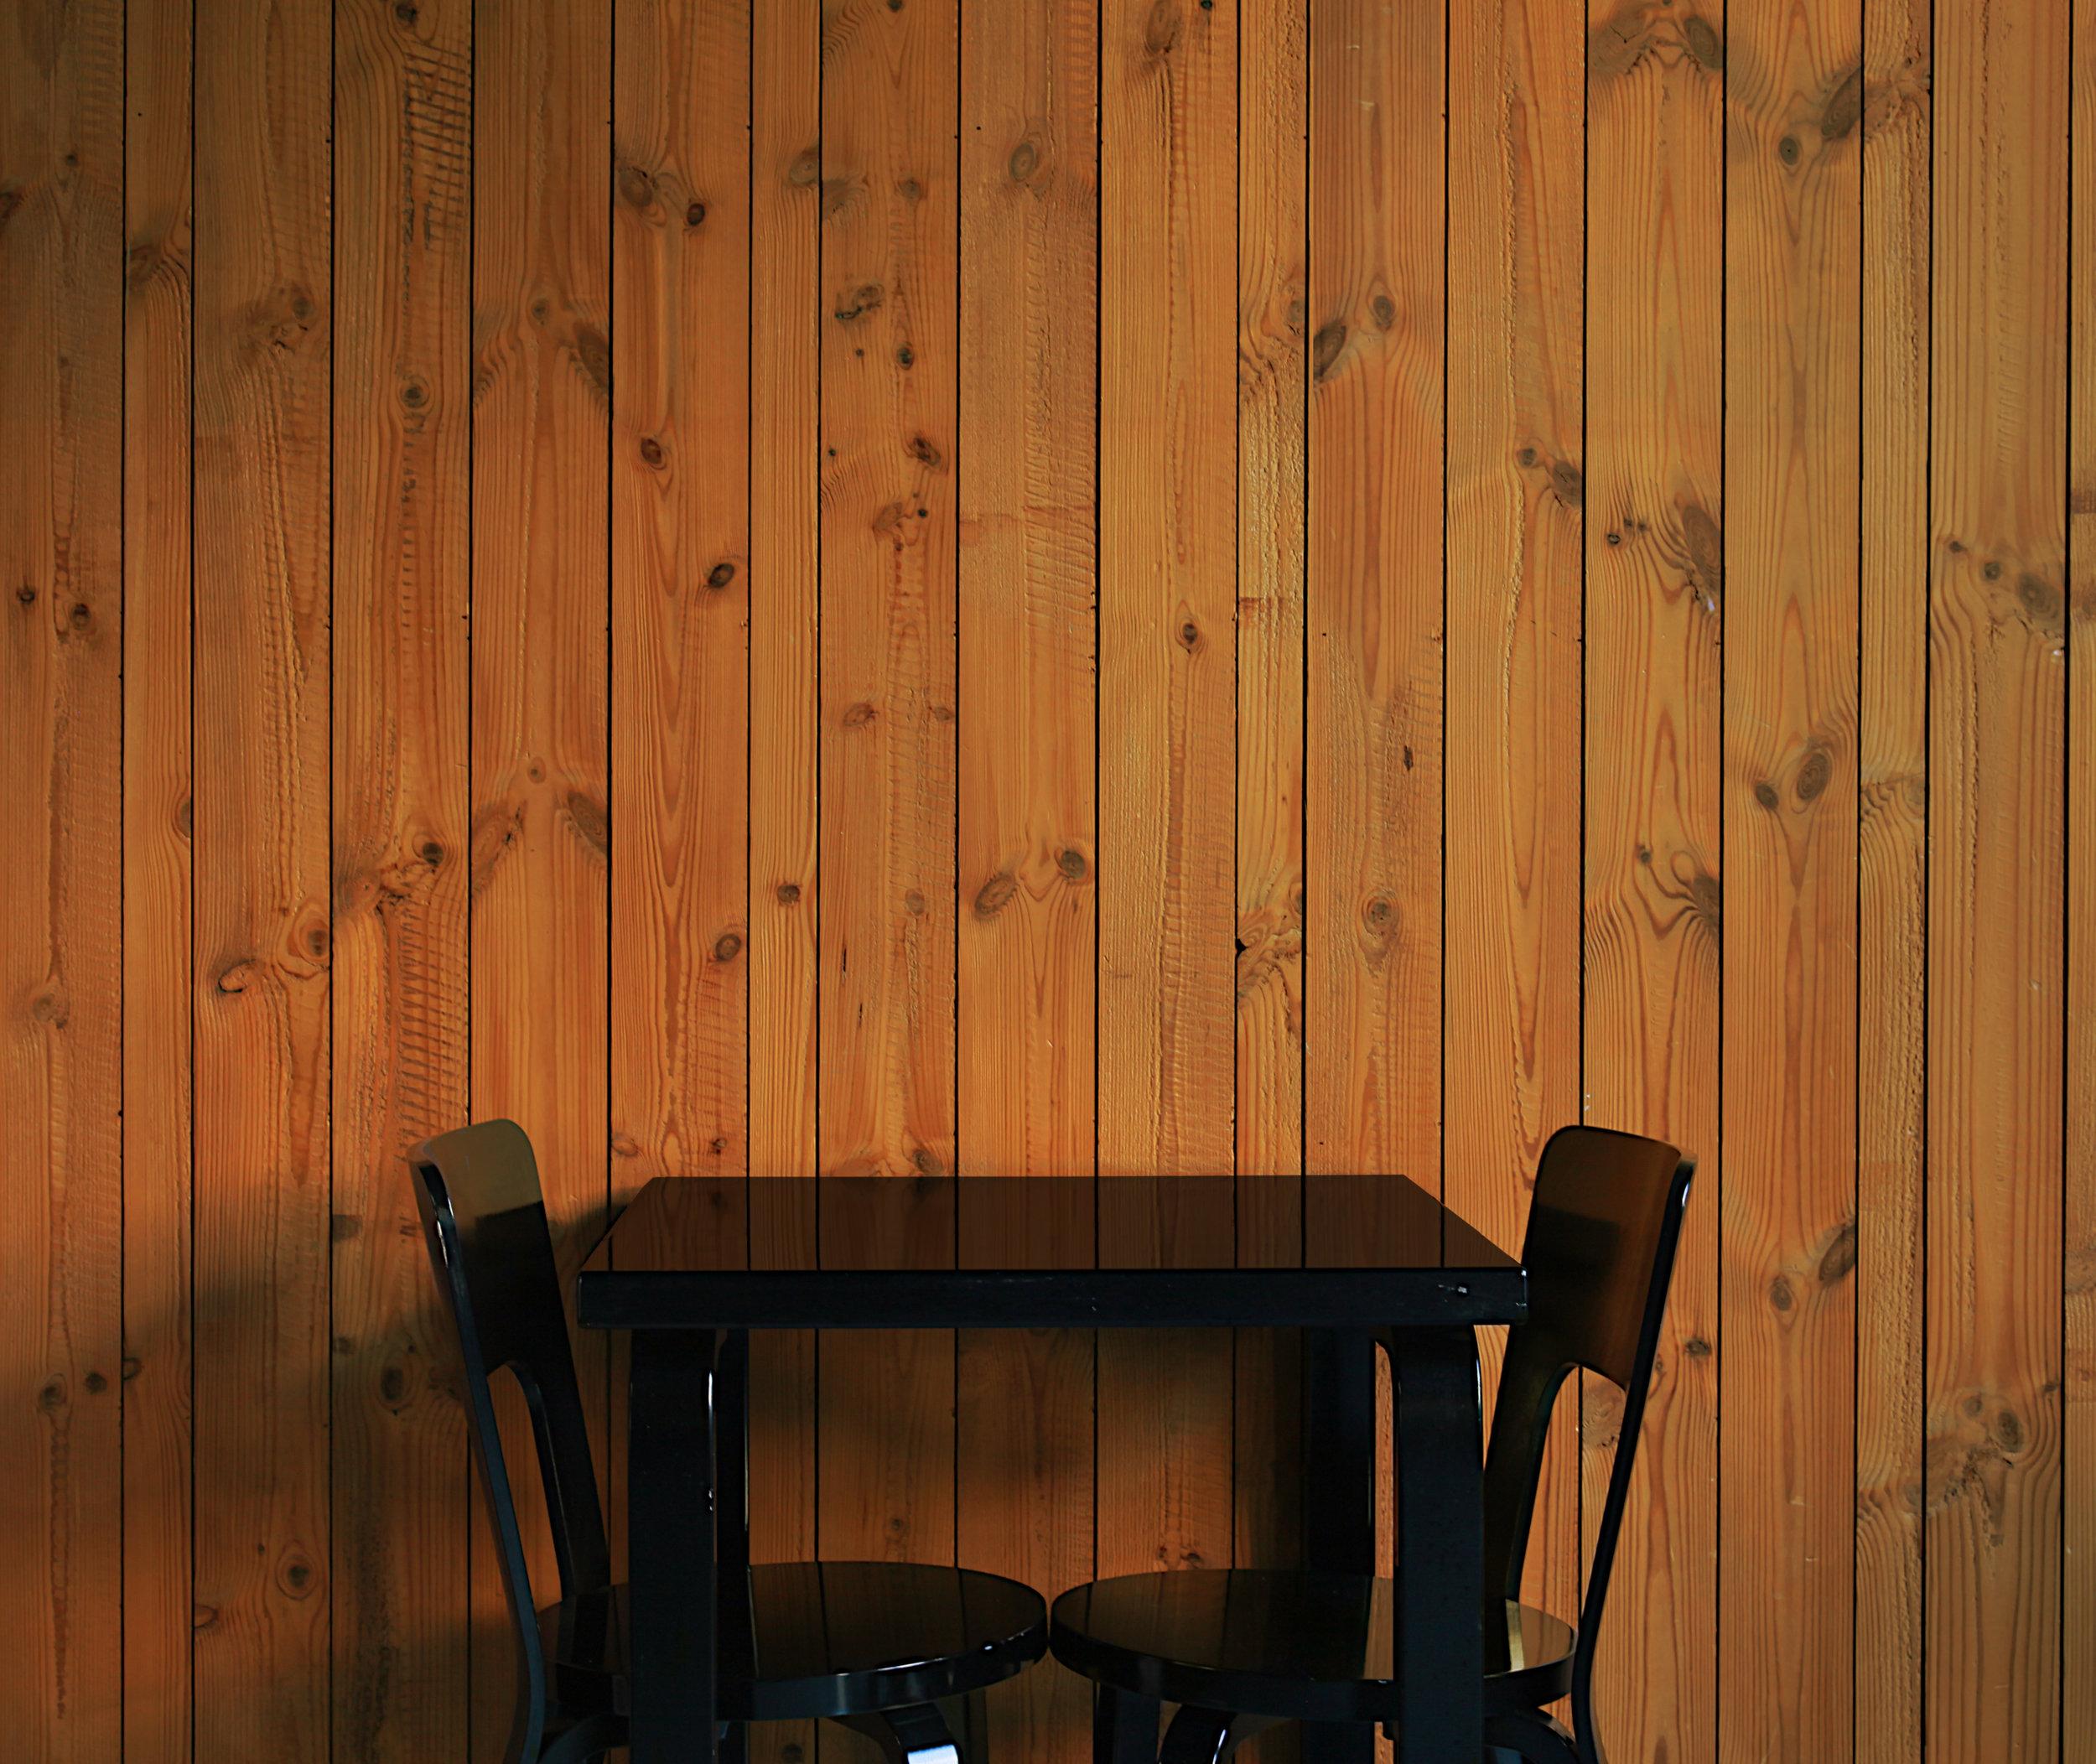 Dorset Street_Nordic Bakery (3).jpg